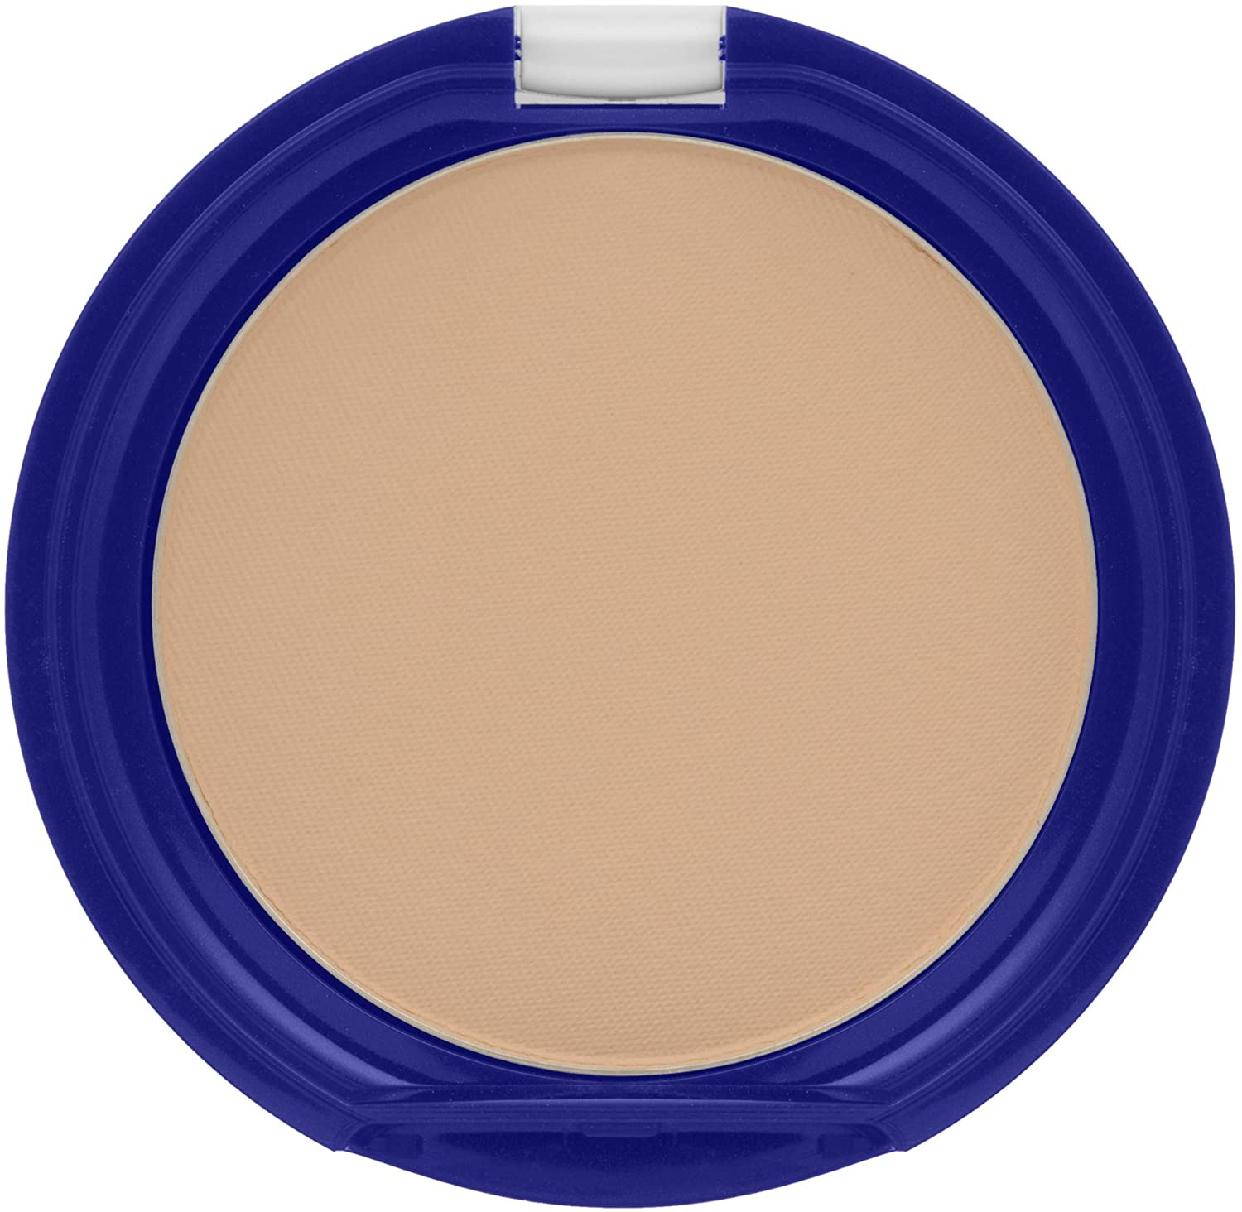 TRANSINO(トランシーノ) 薬用UVパウダーnの商品画像5